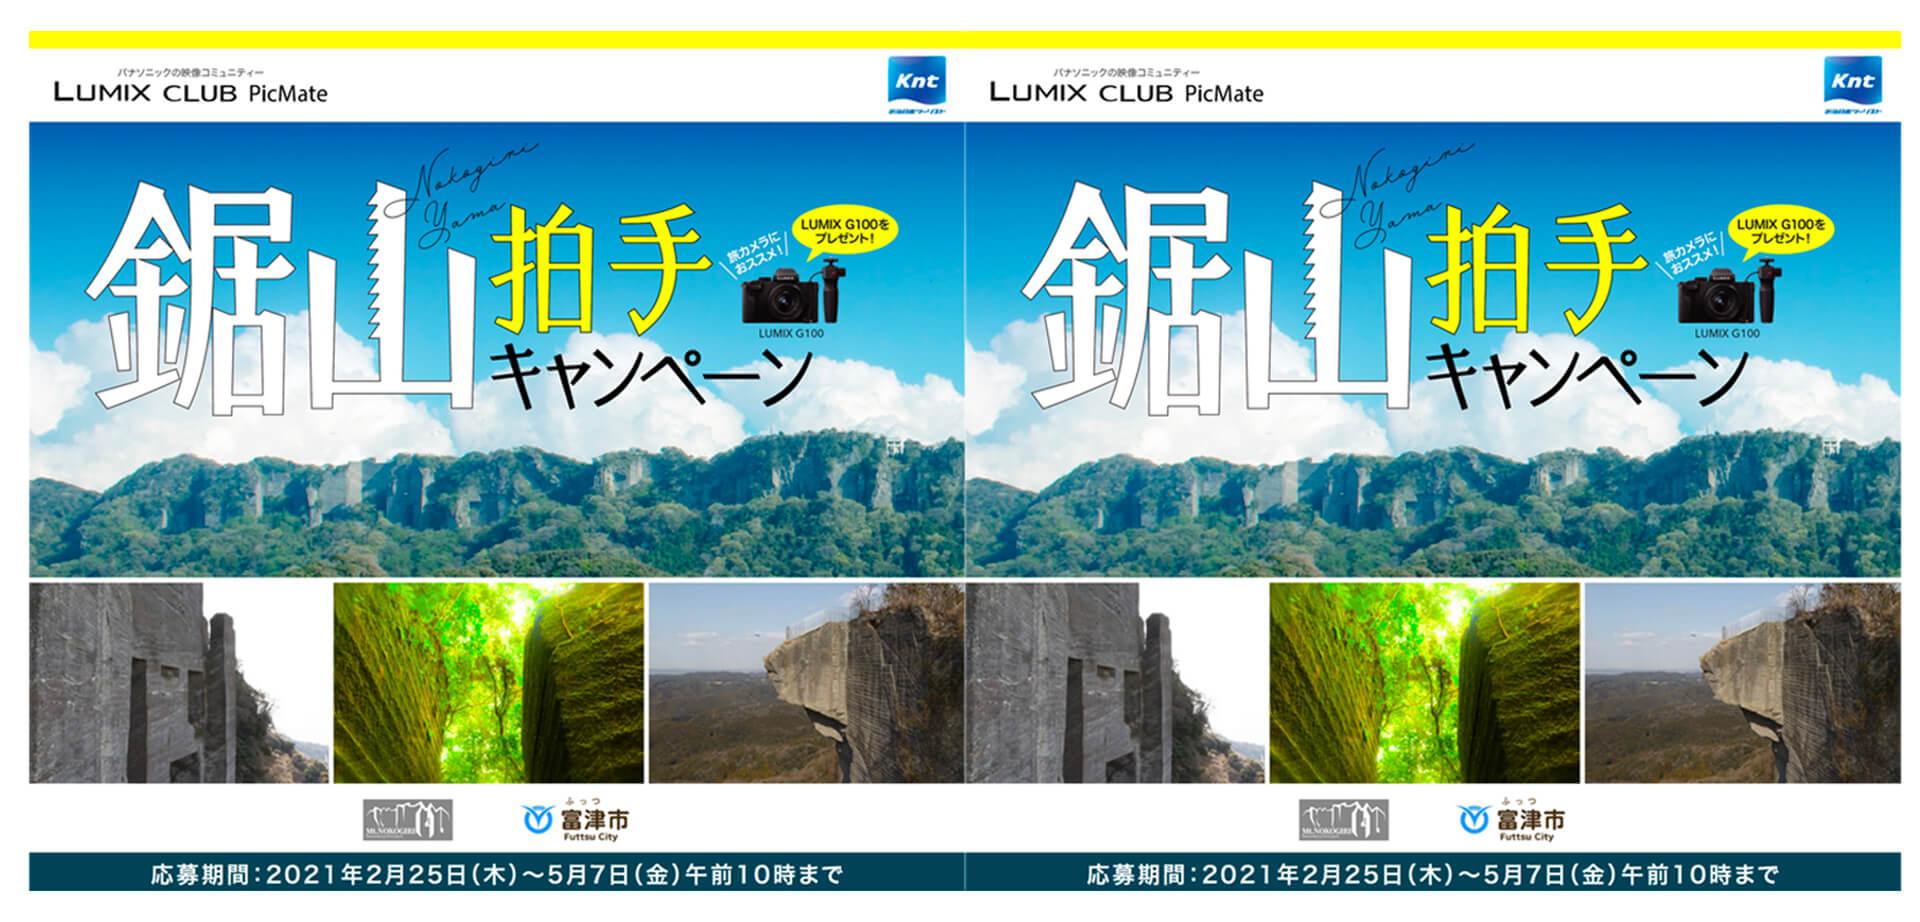 パナソニック LUMIX CLUB PicMate「鋸山拍手キャンペーン」